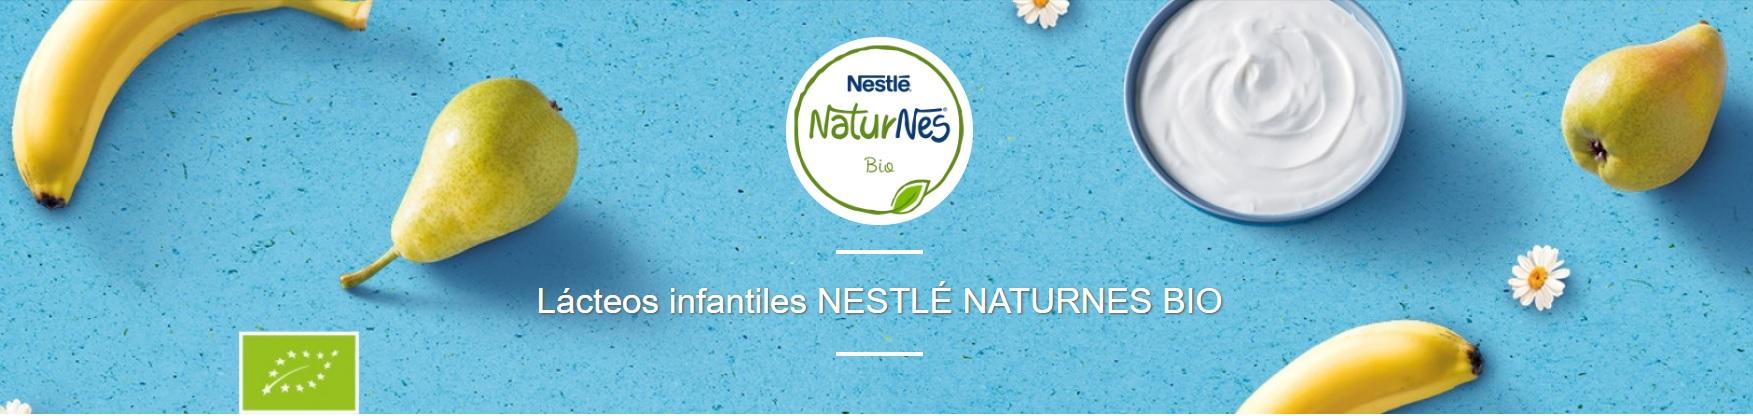 Naturnes BIO lacteos